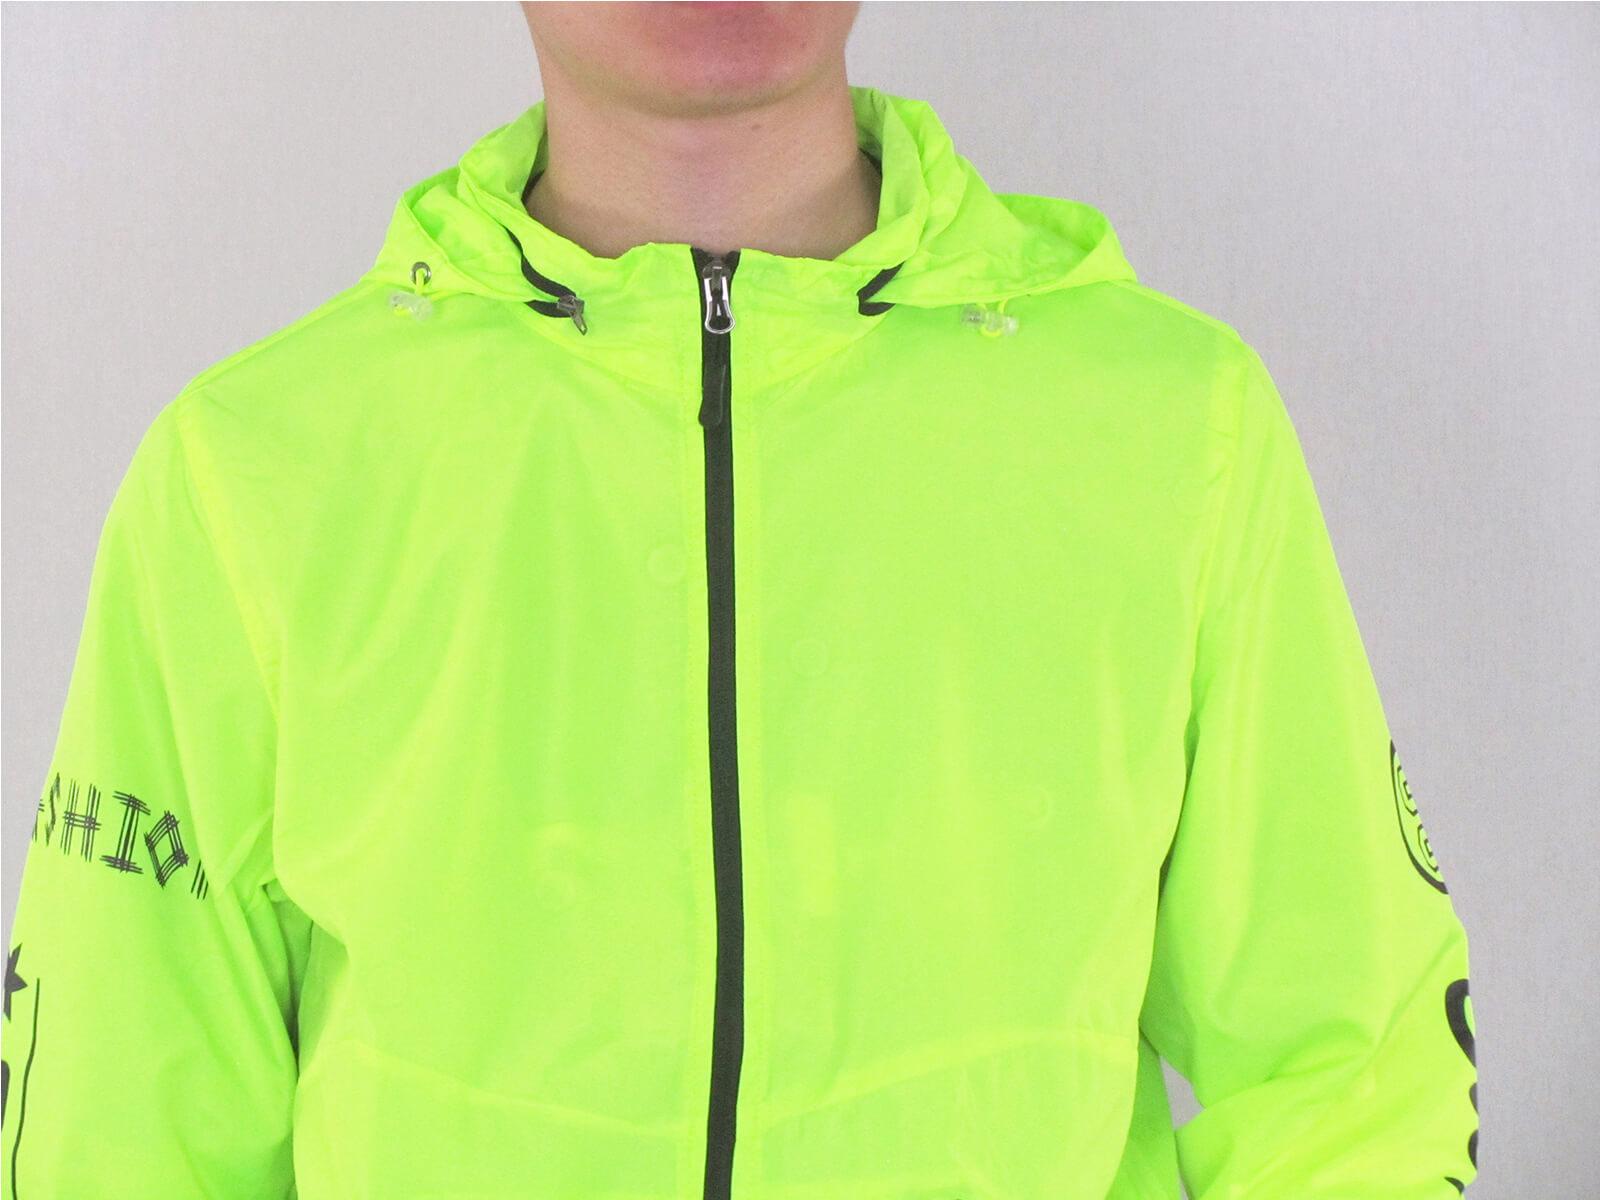 配色薄外套 遮陽防曬休閒外套 防風外套 運動暖身外套 風衣外套 JACKET (321-8878-01)螢光綠、(321-8878-02)深藍色、(321-8878-03)黑色 M L XL 2L(胸圍44~50英吋) [實體店面保障] sun-e 5